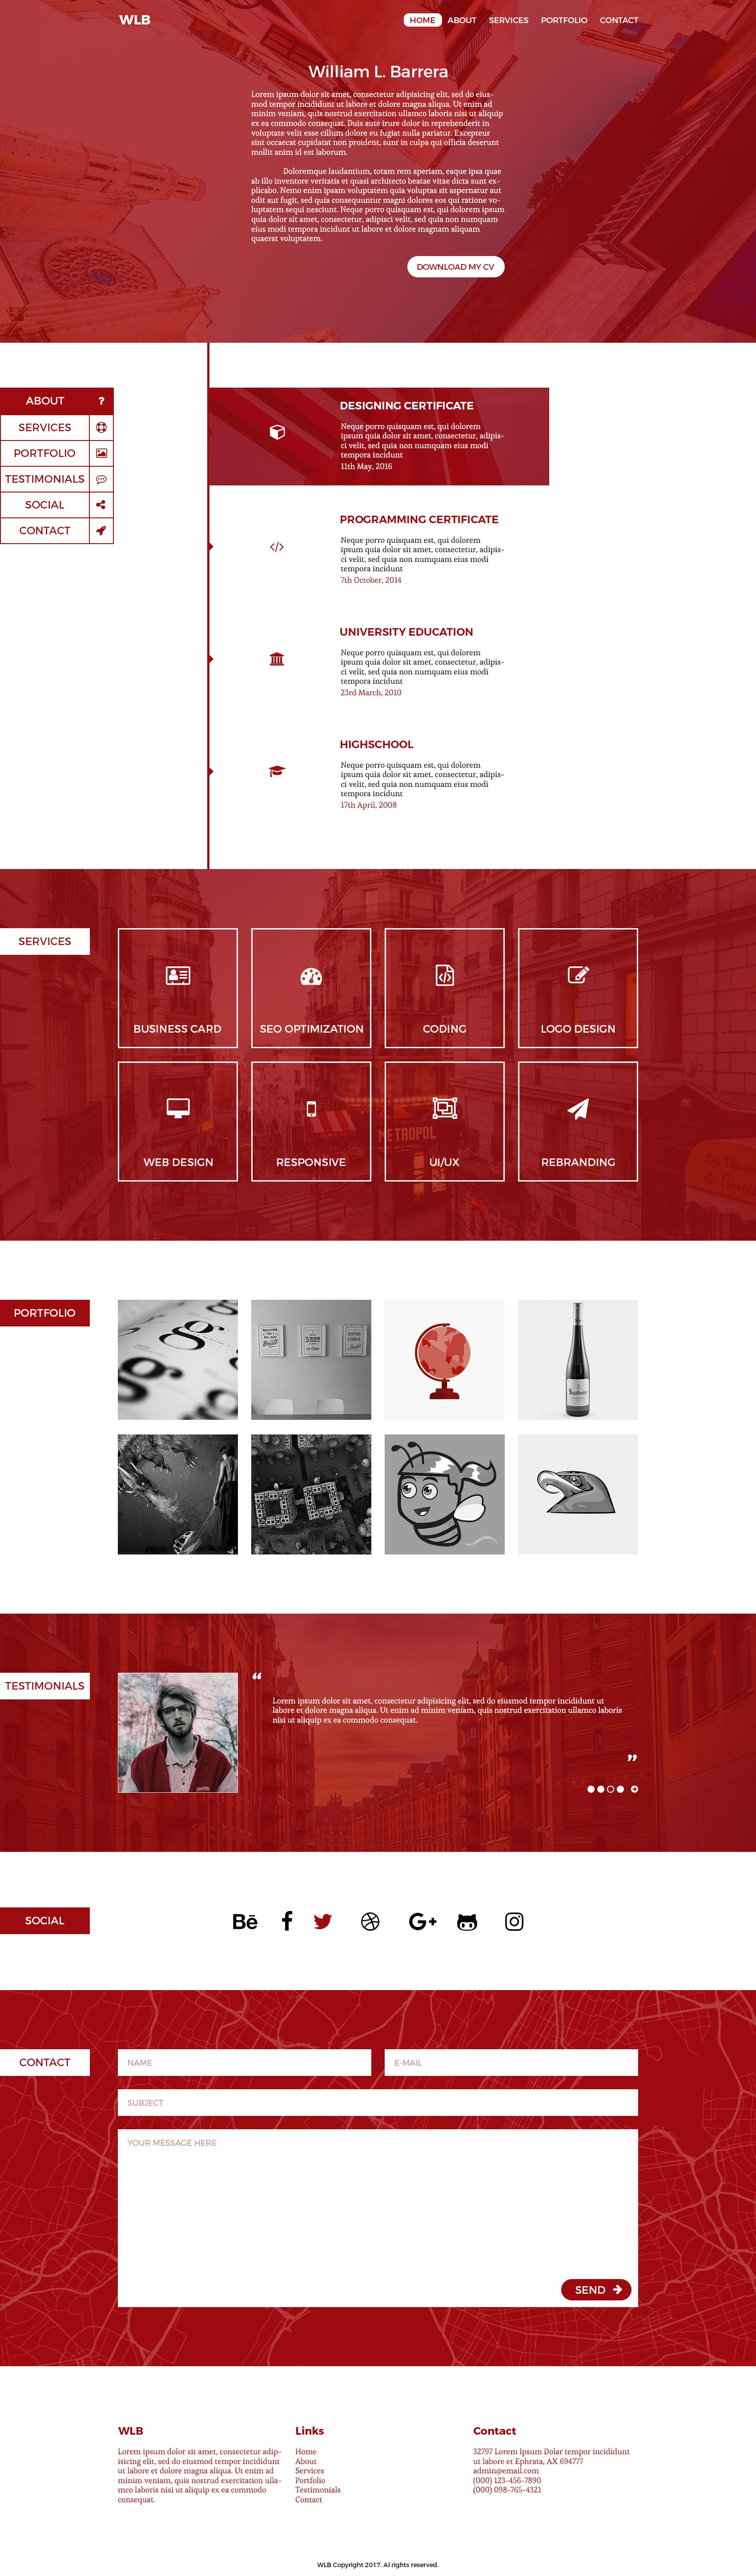 Web Design - UI/UX